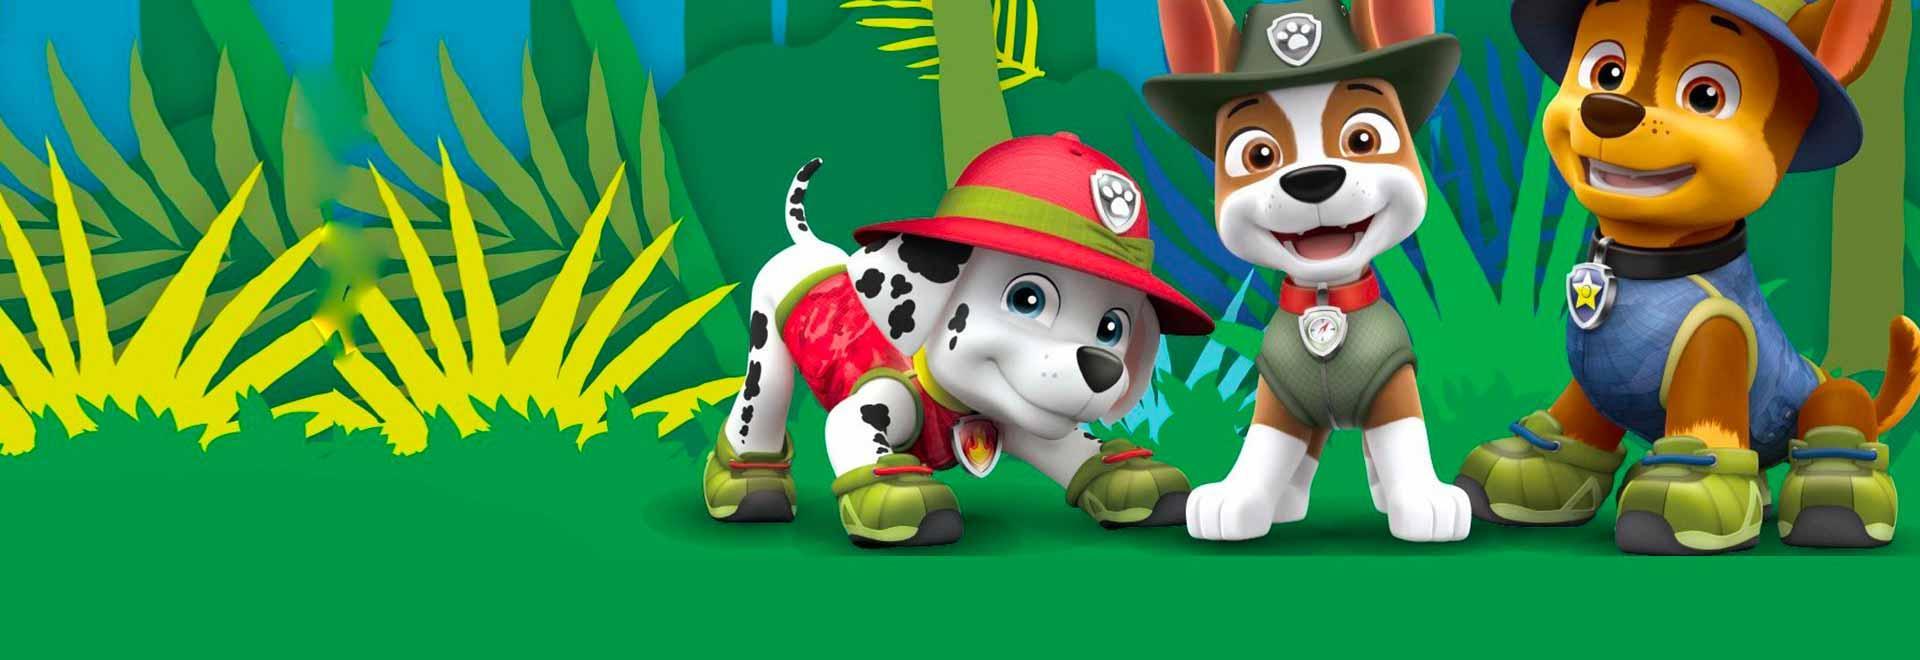 I cuccioli salvano Danny da un orso / I cuccioli salvano i tulipani del sindaco